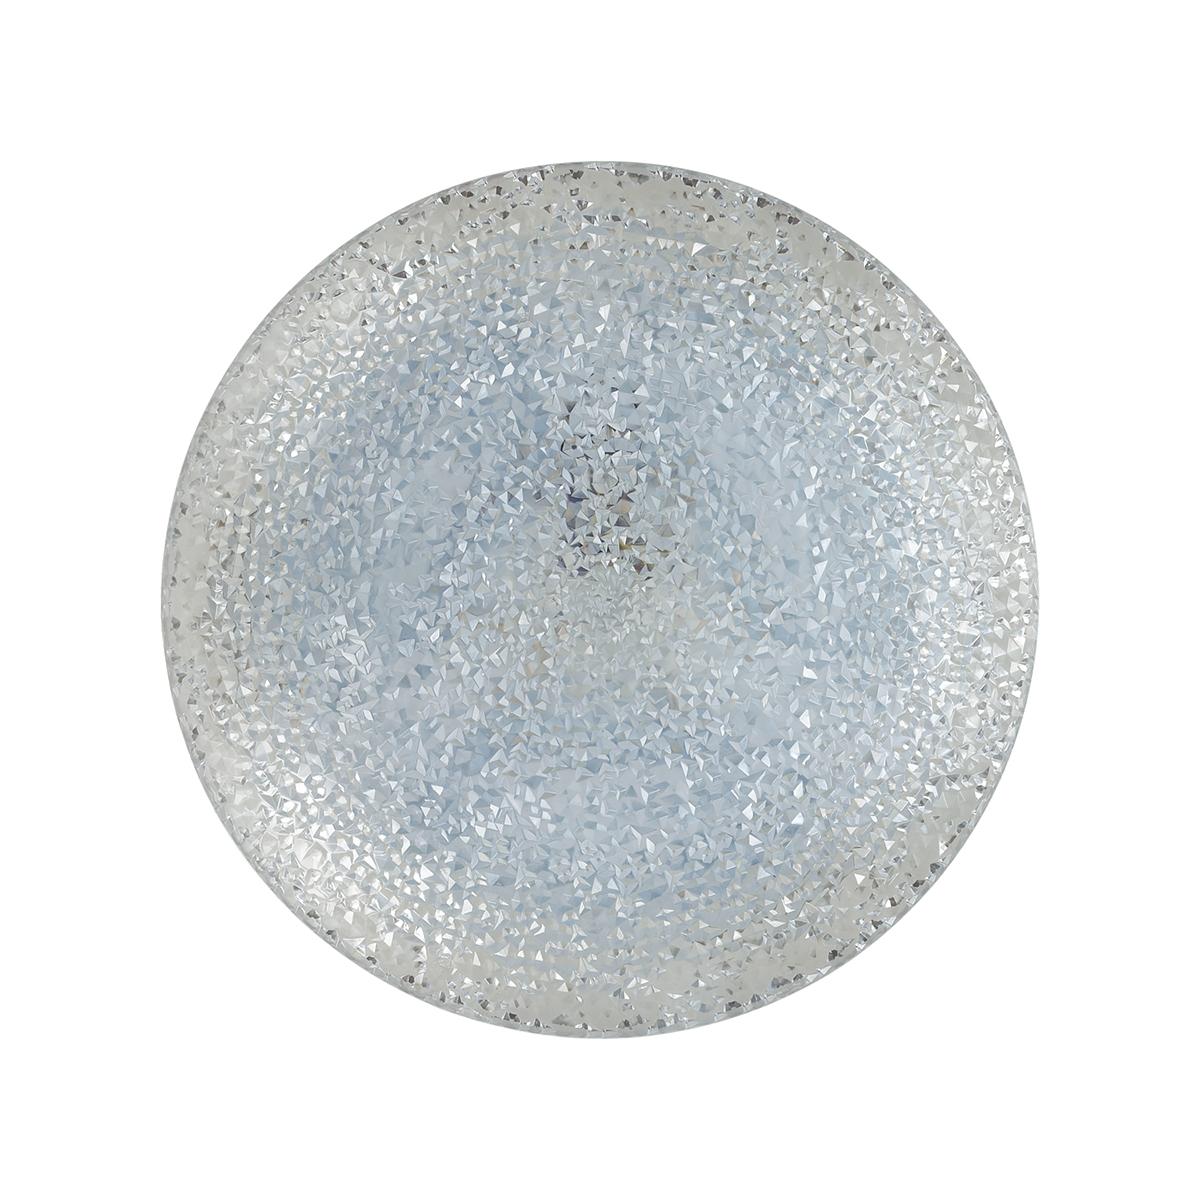 Потолочные светильники 2081/DL GLORI Sonex